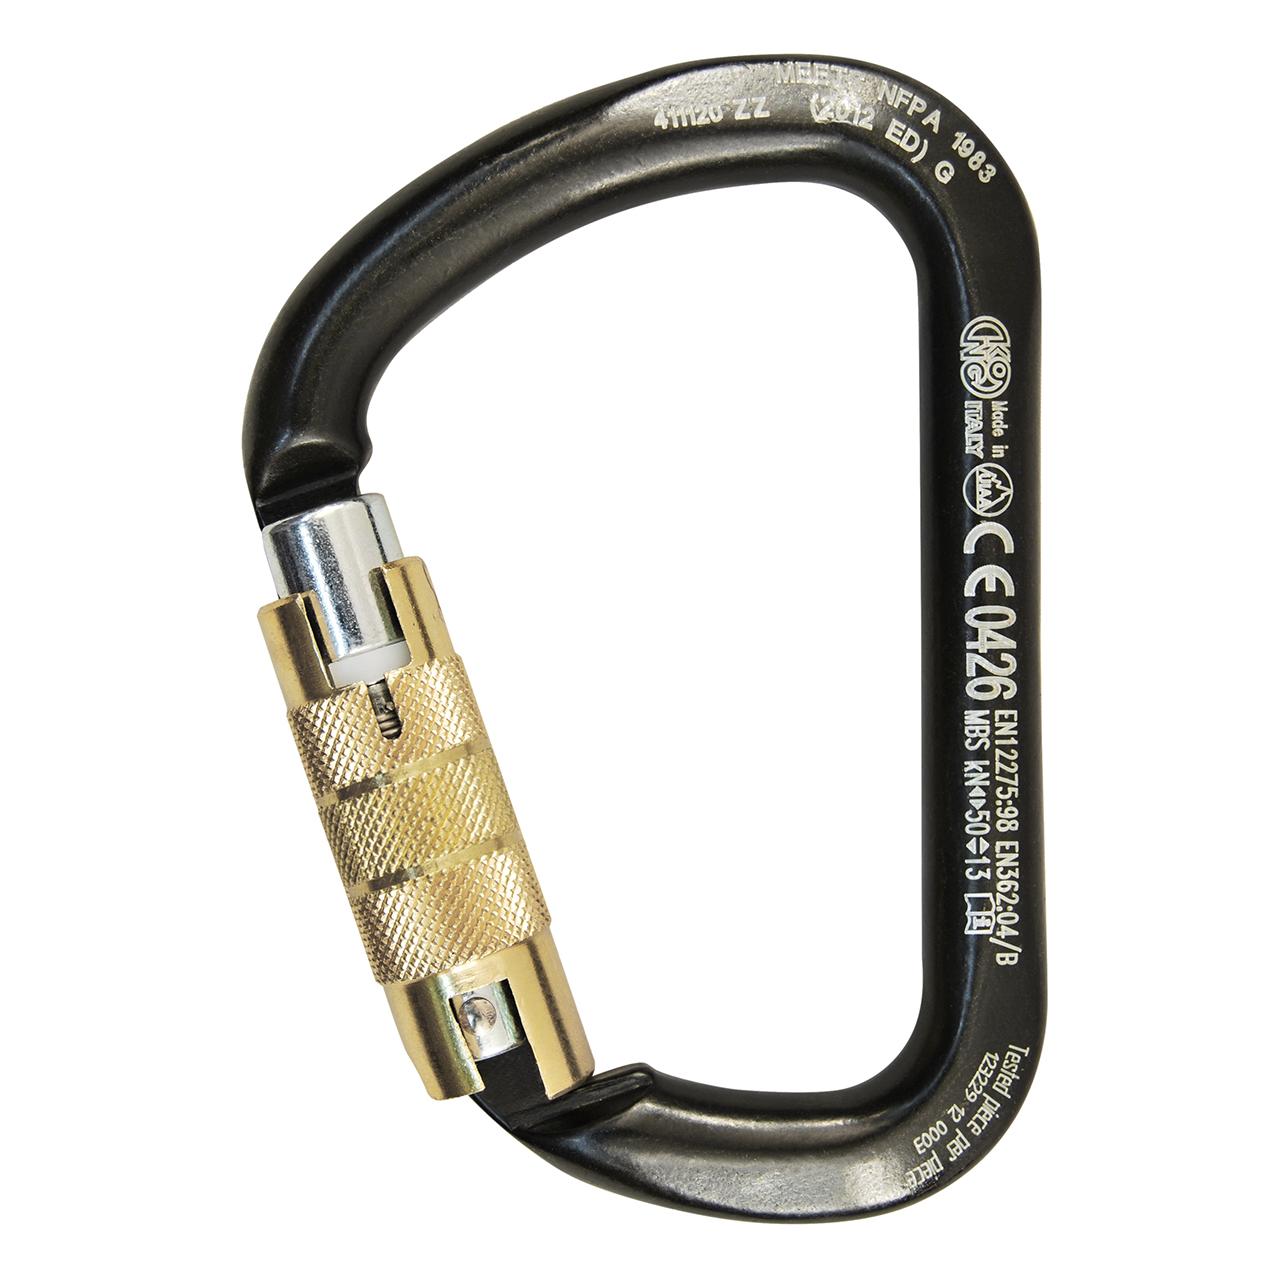 6fe456a3e42 X-Large Steel Twist Lock Carabiner